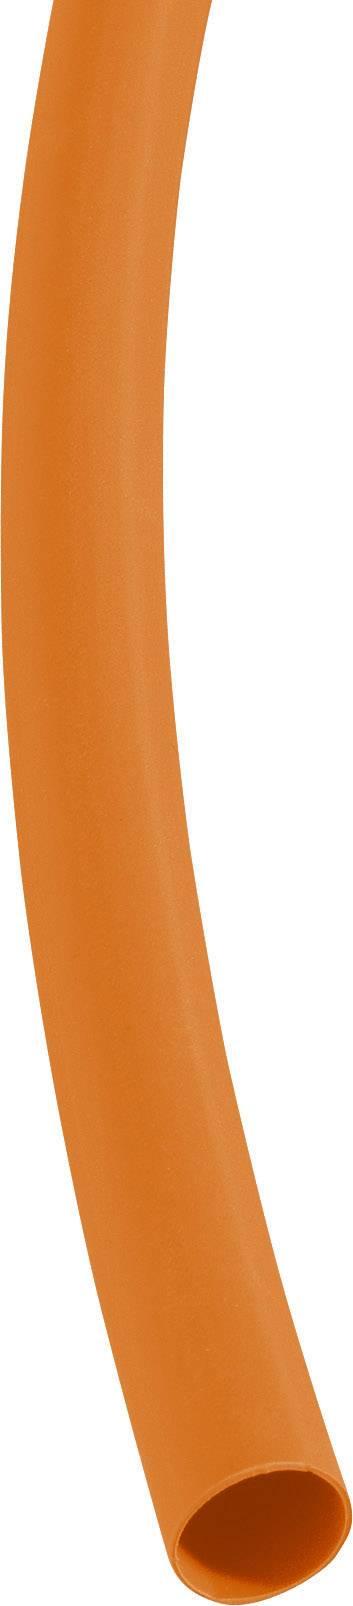 Zmršťovacia bužírka 03:01, oranžová DSG Canusa 3290180203 metrový tovar